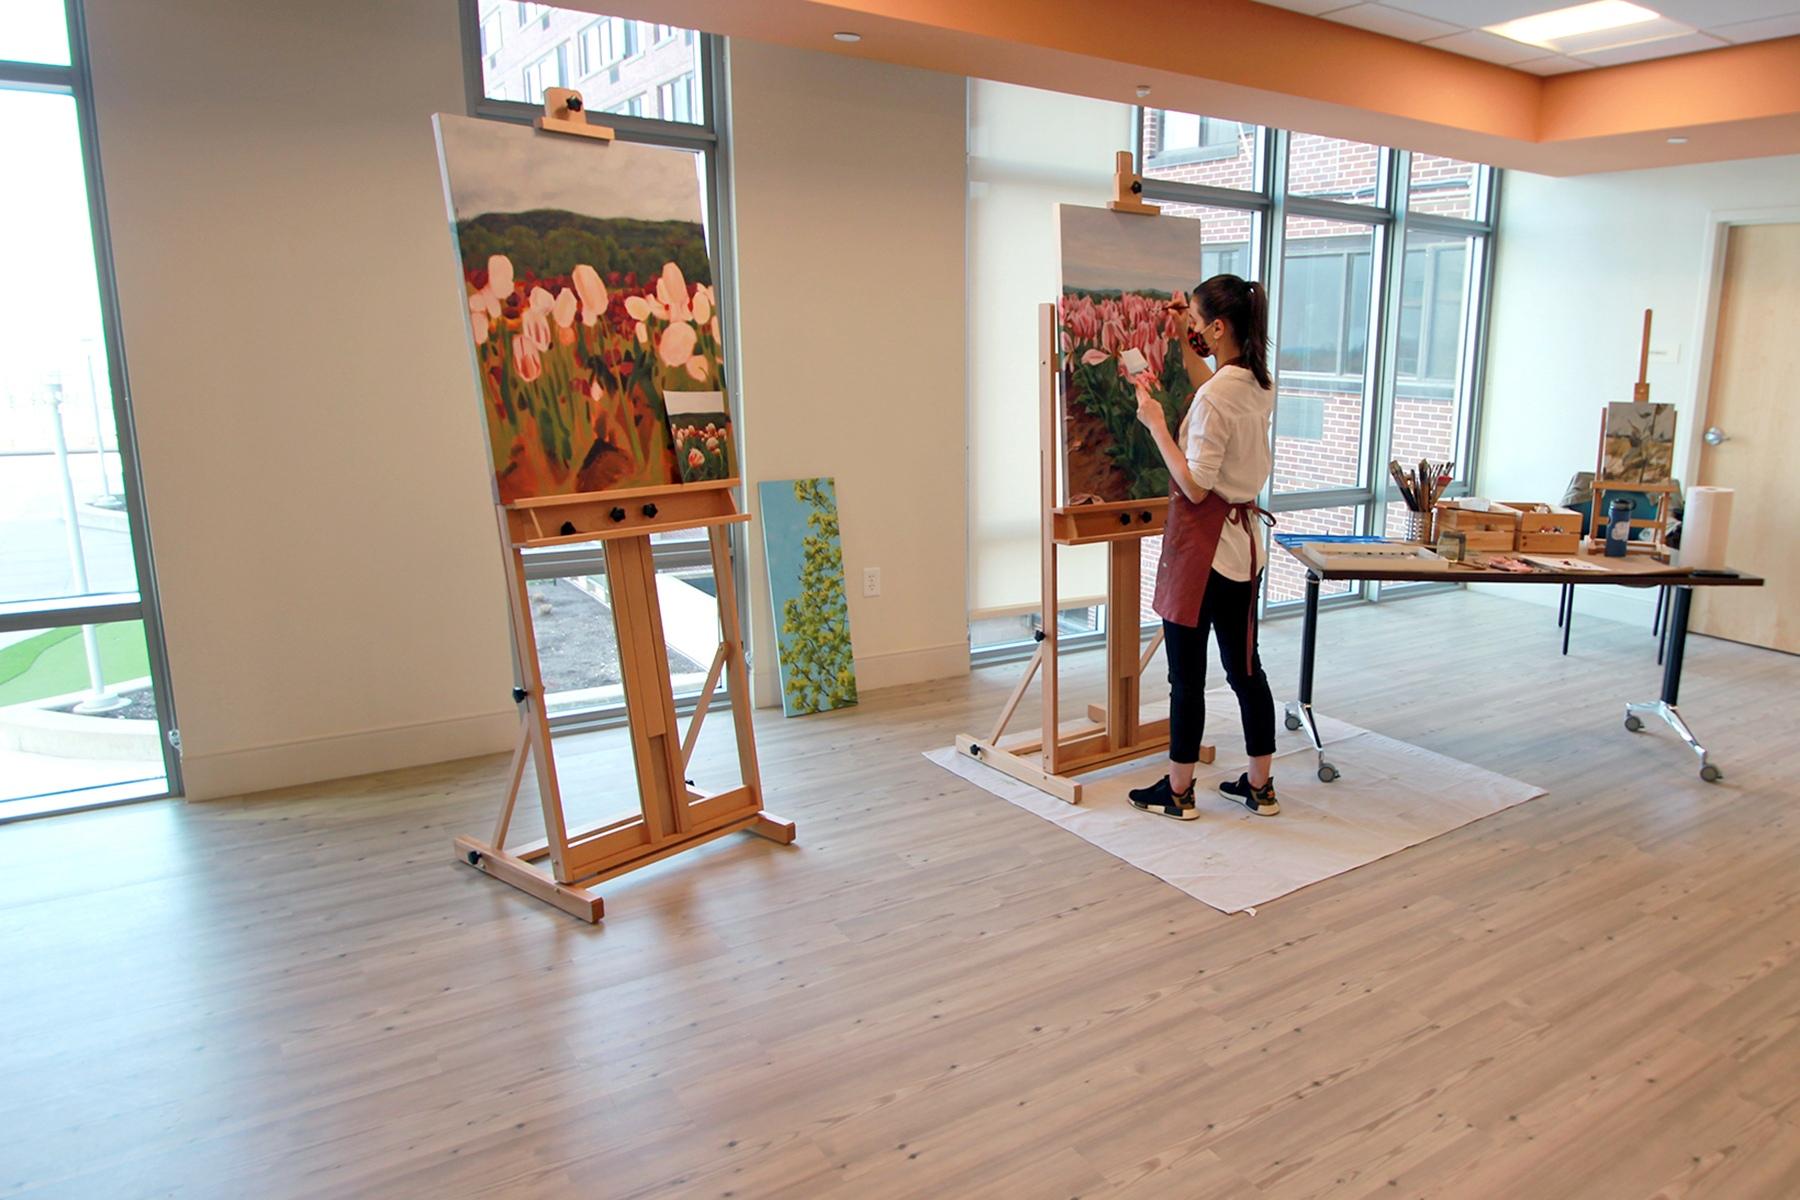 Saint John's Phase 3 - Art-Room